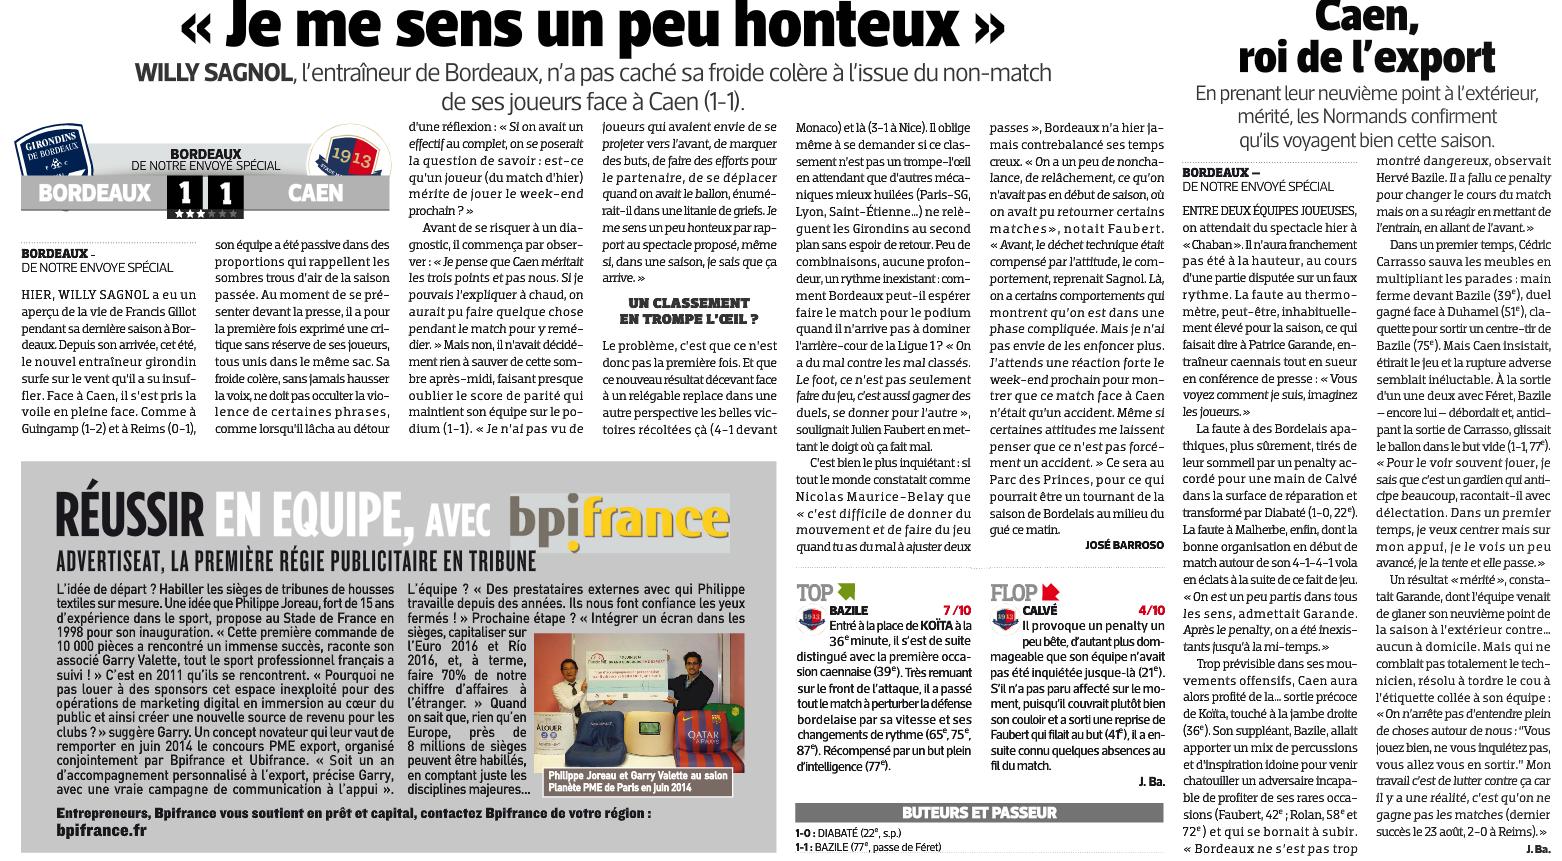 [10e journée de L1] Girondins de Bordeaux 1-1 SM Caen - Page 2 874582bordeaux